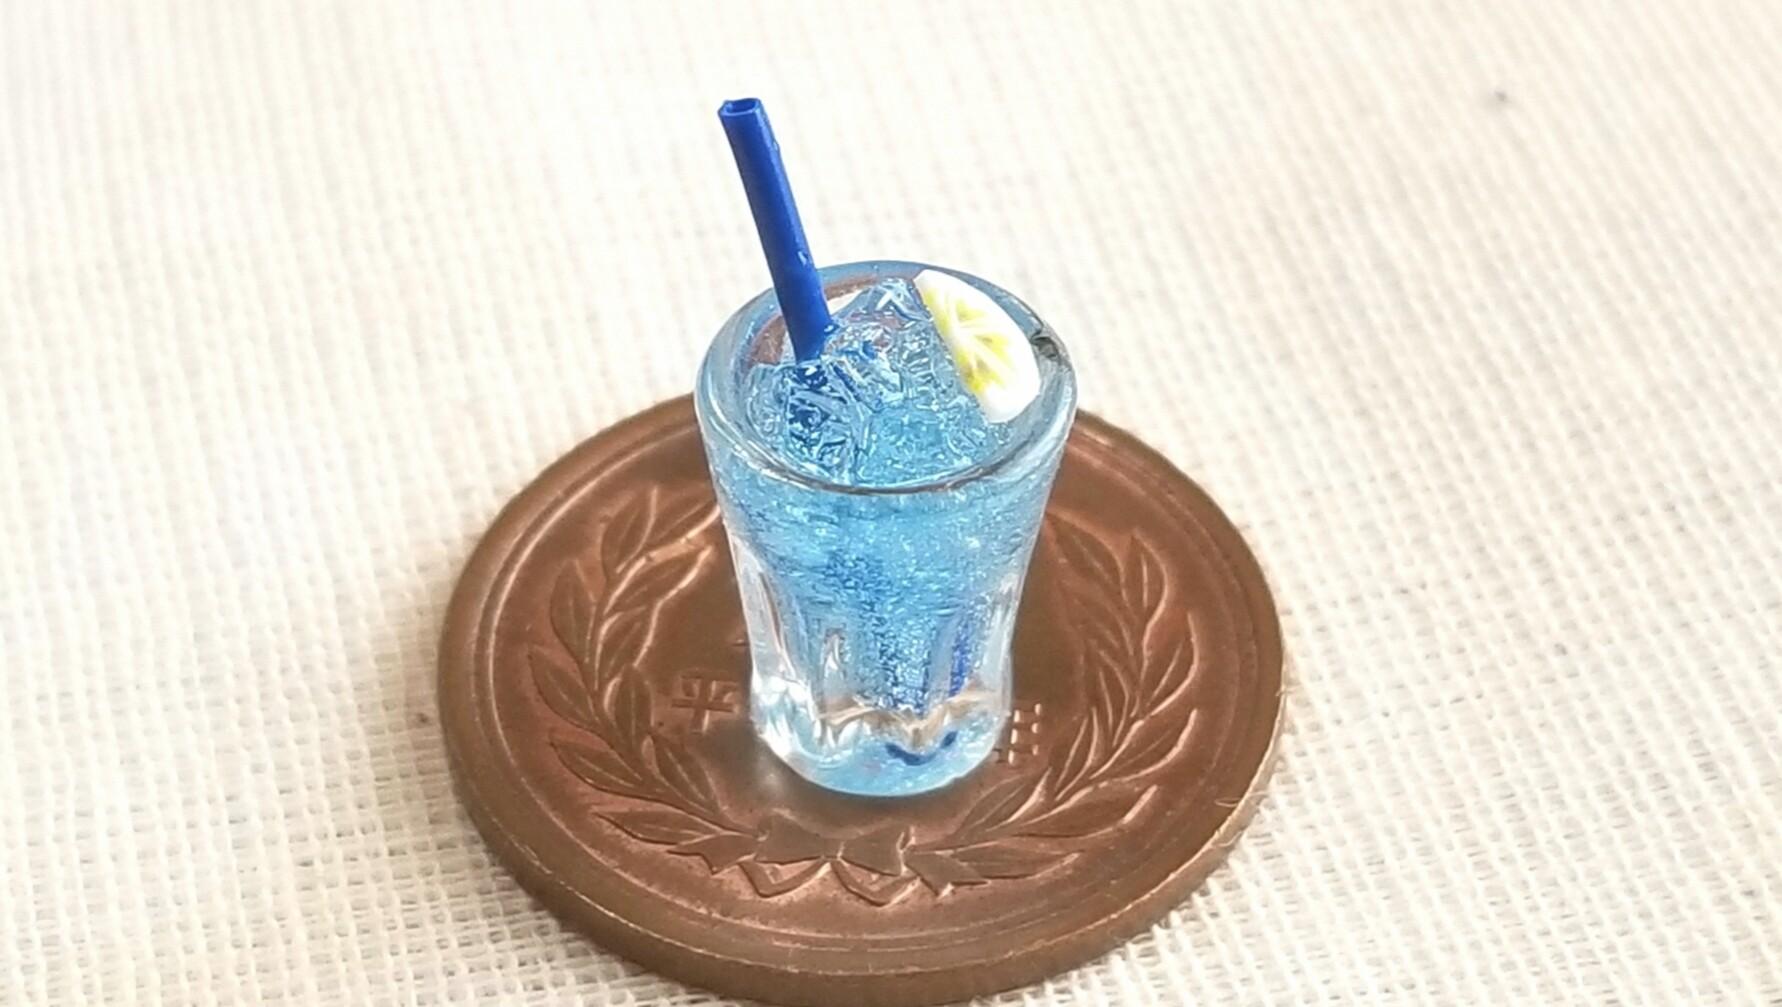 夏に合う冷たい飲み物ドリンクブルージュース炭酸美味しいお洒落な